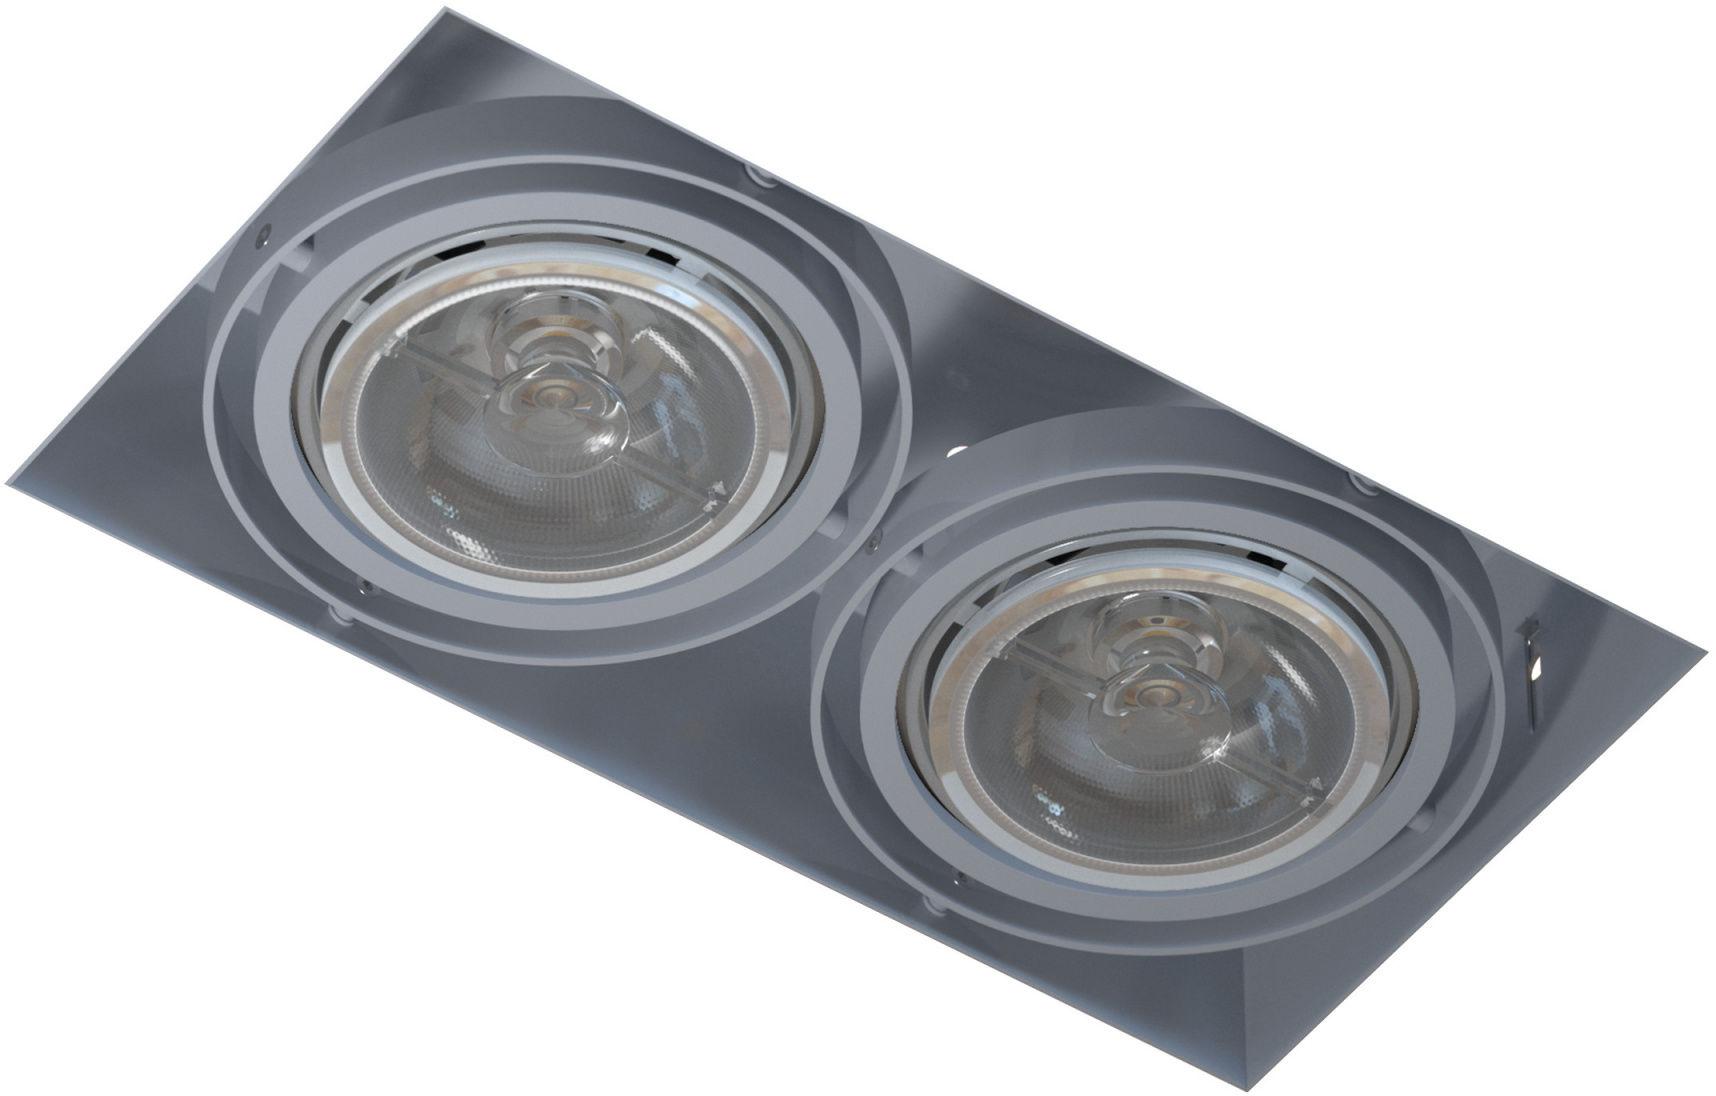 Oprawa wpuszczana bezramkowa podwójna Mara T018PB2Bh101 Cleoni nowoczesna lampa sufitowa